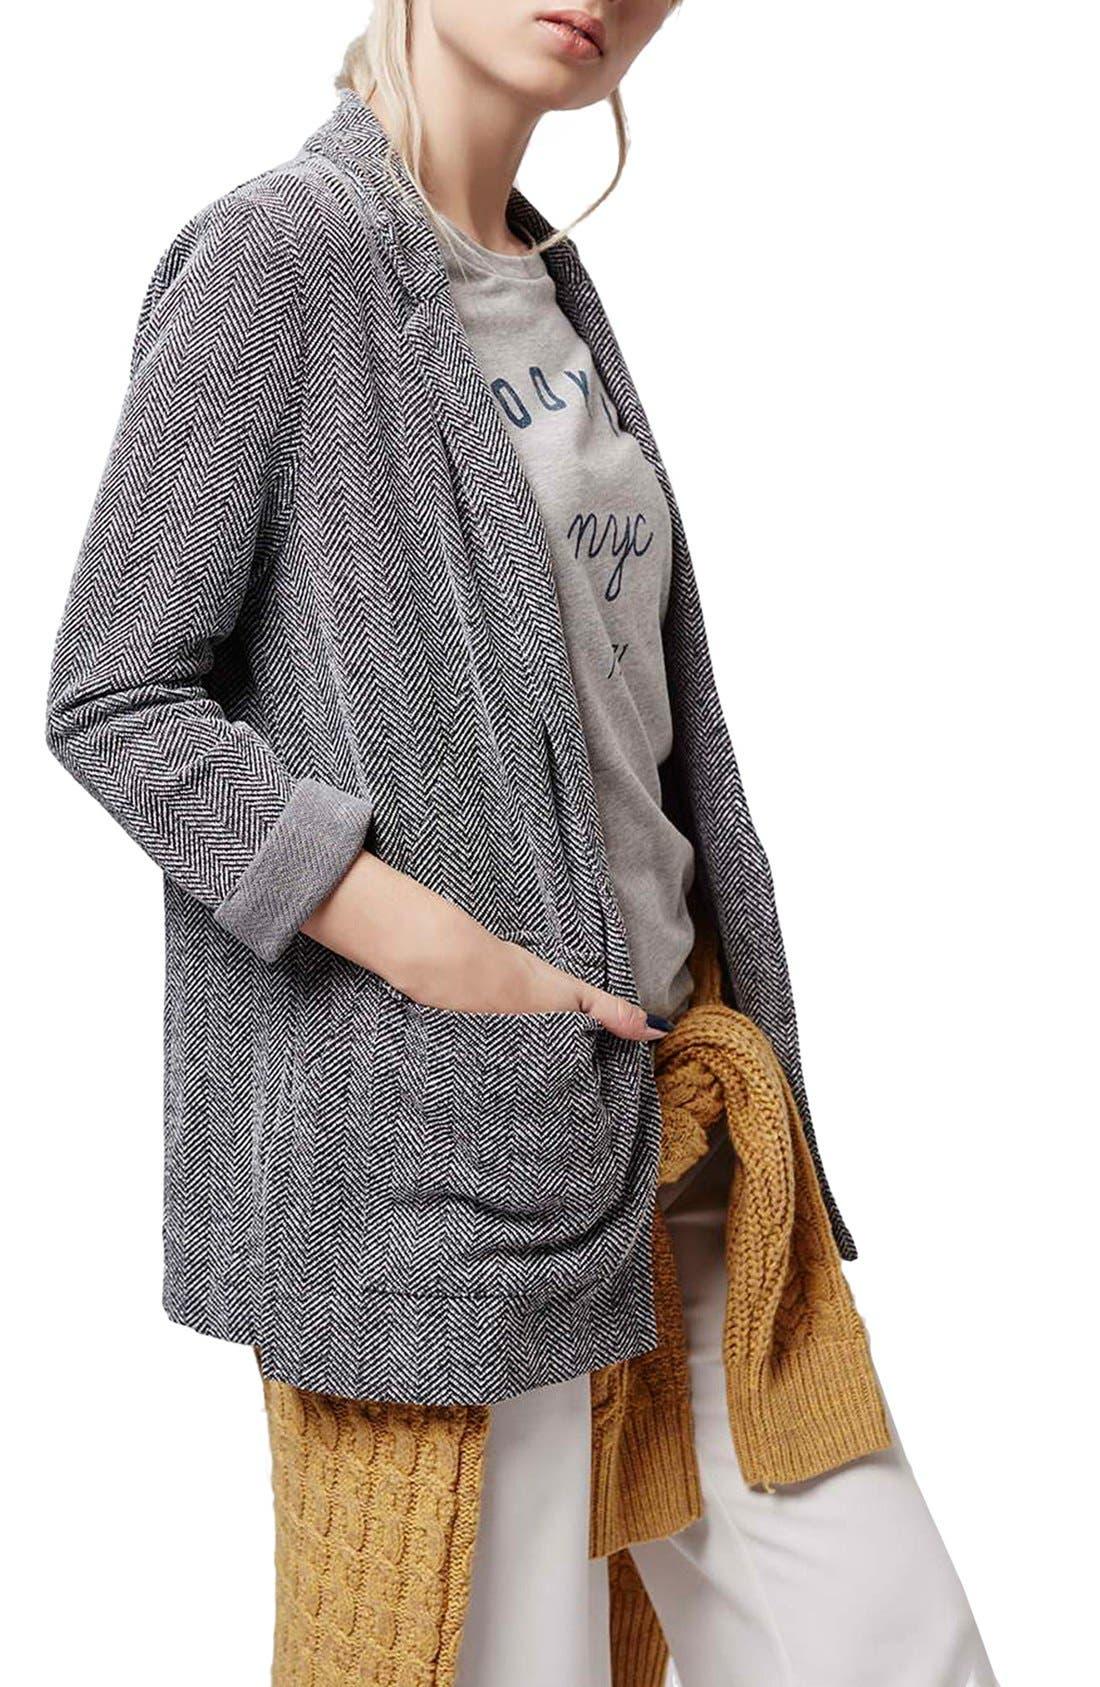 Alternate Image 1 Selected - Topshop Herringbone Boyfriend Jacket (Petite)